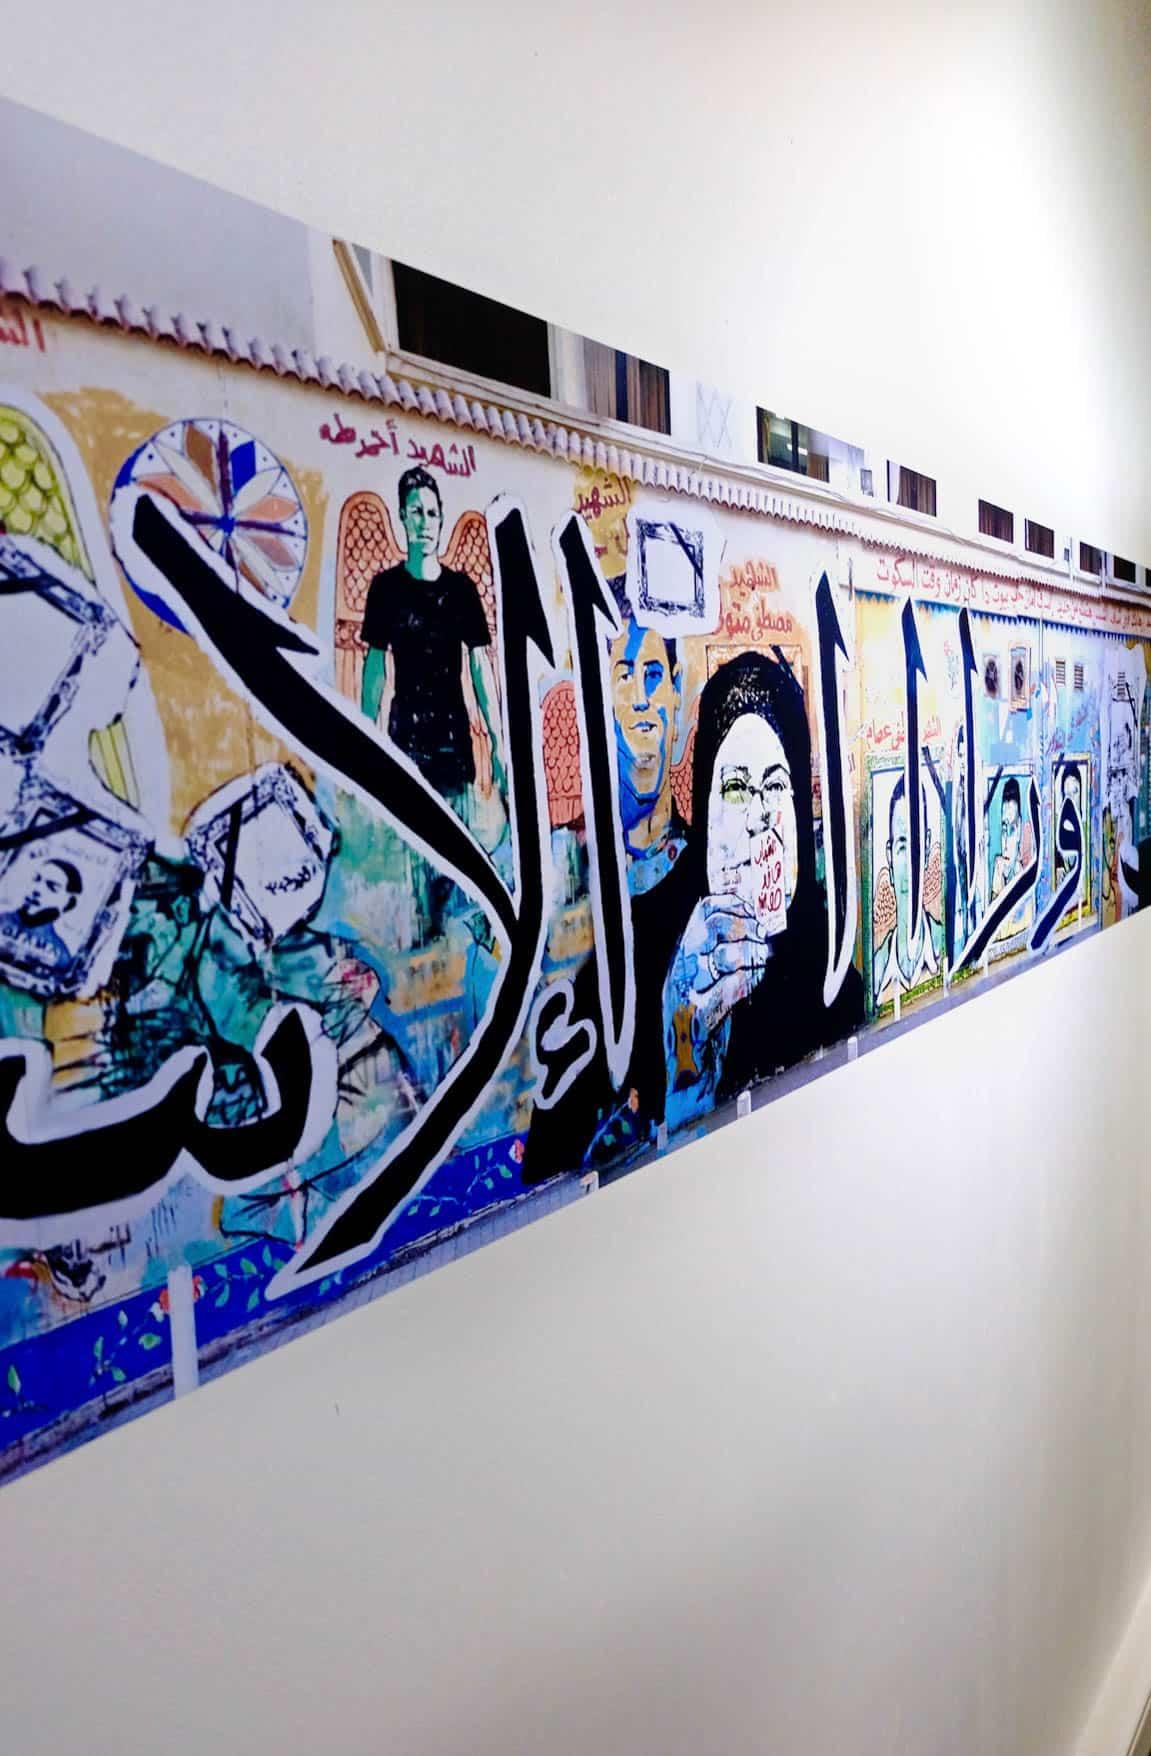 Expo lettres ouvertes de la calligraphie au street art l 39 institut des cultures d 39 islam - Expo street art paris ...